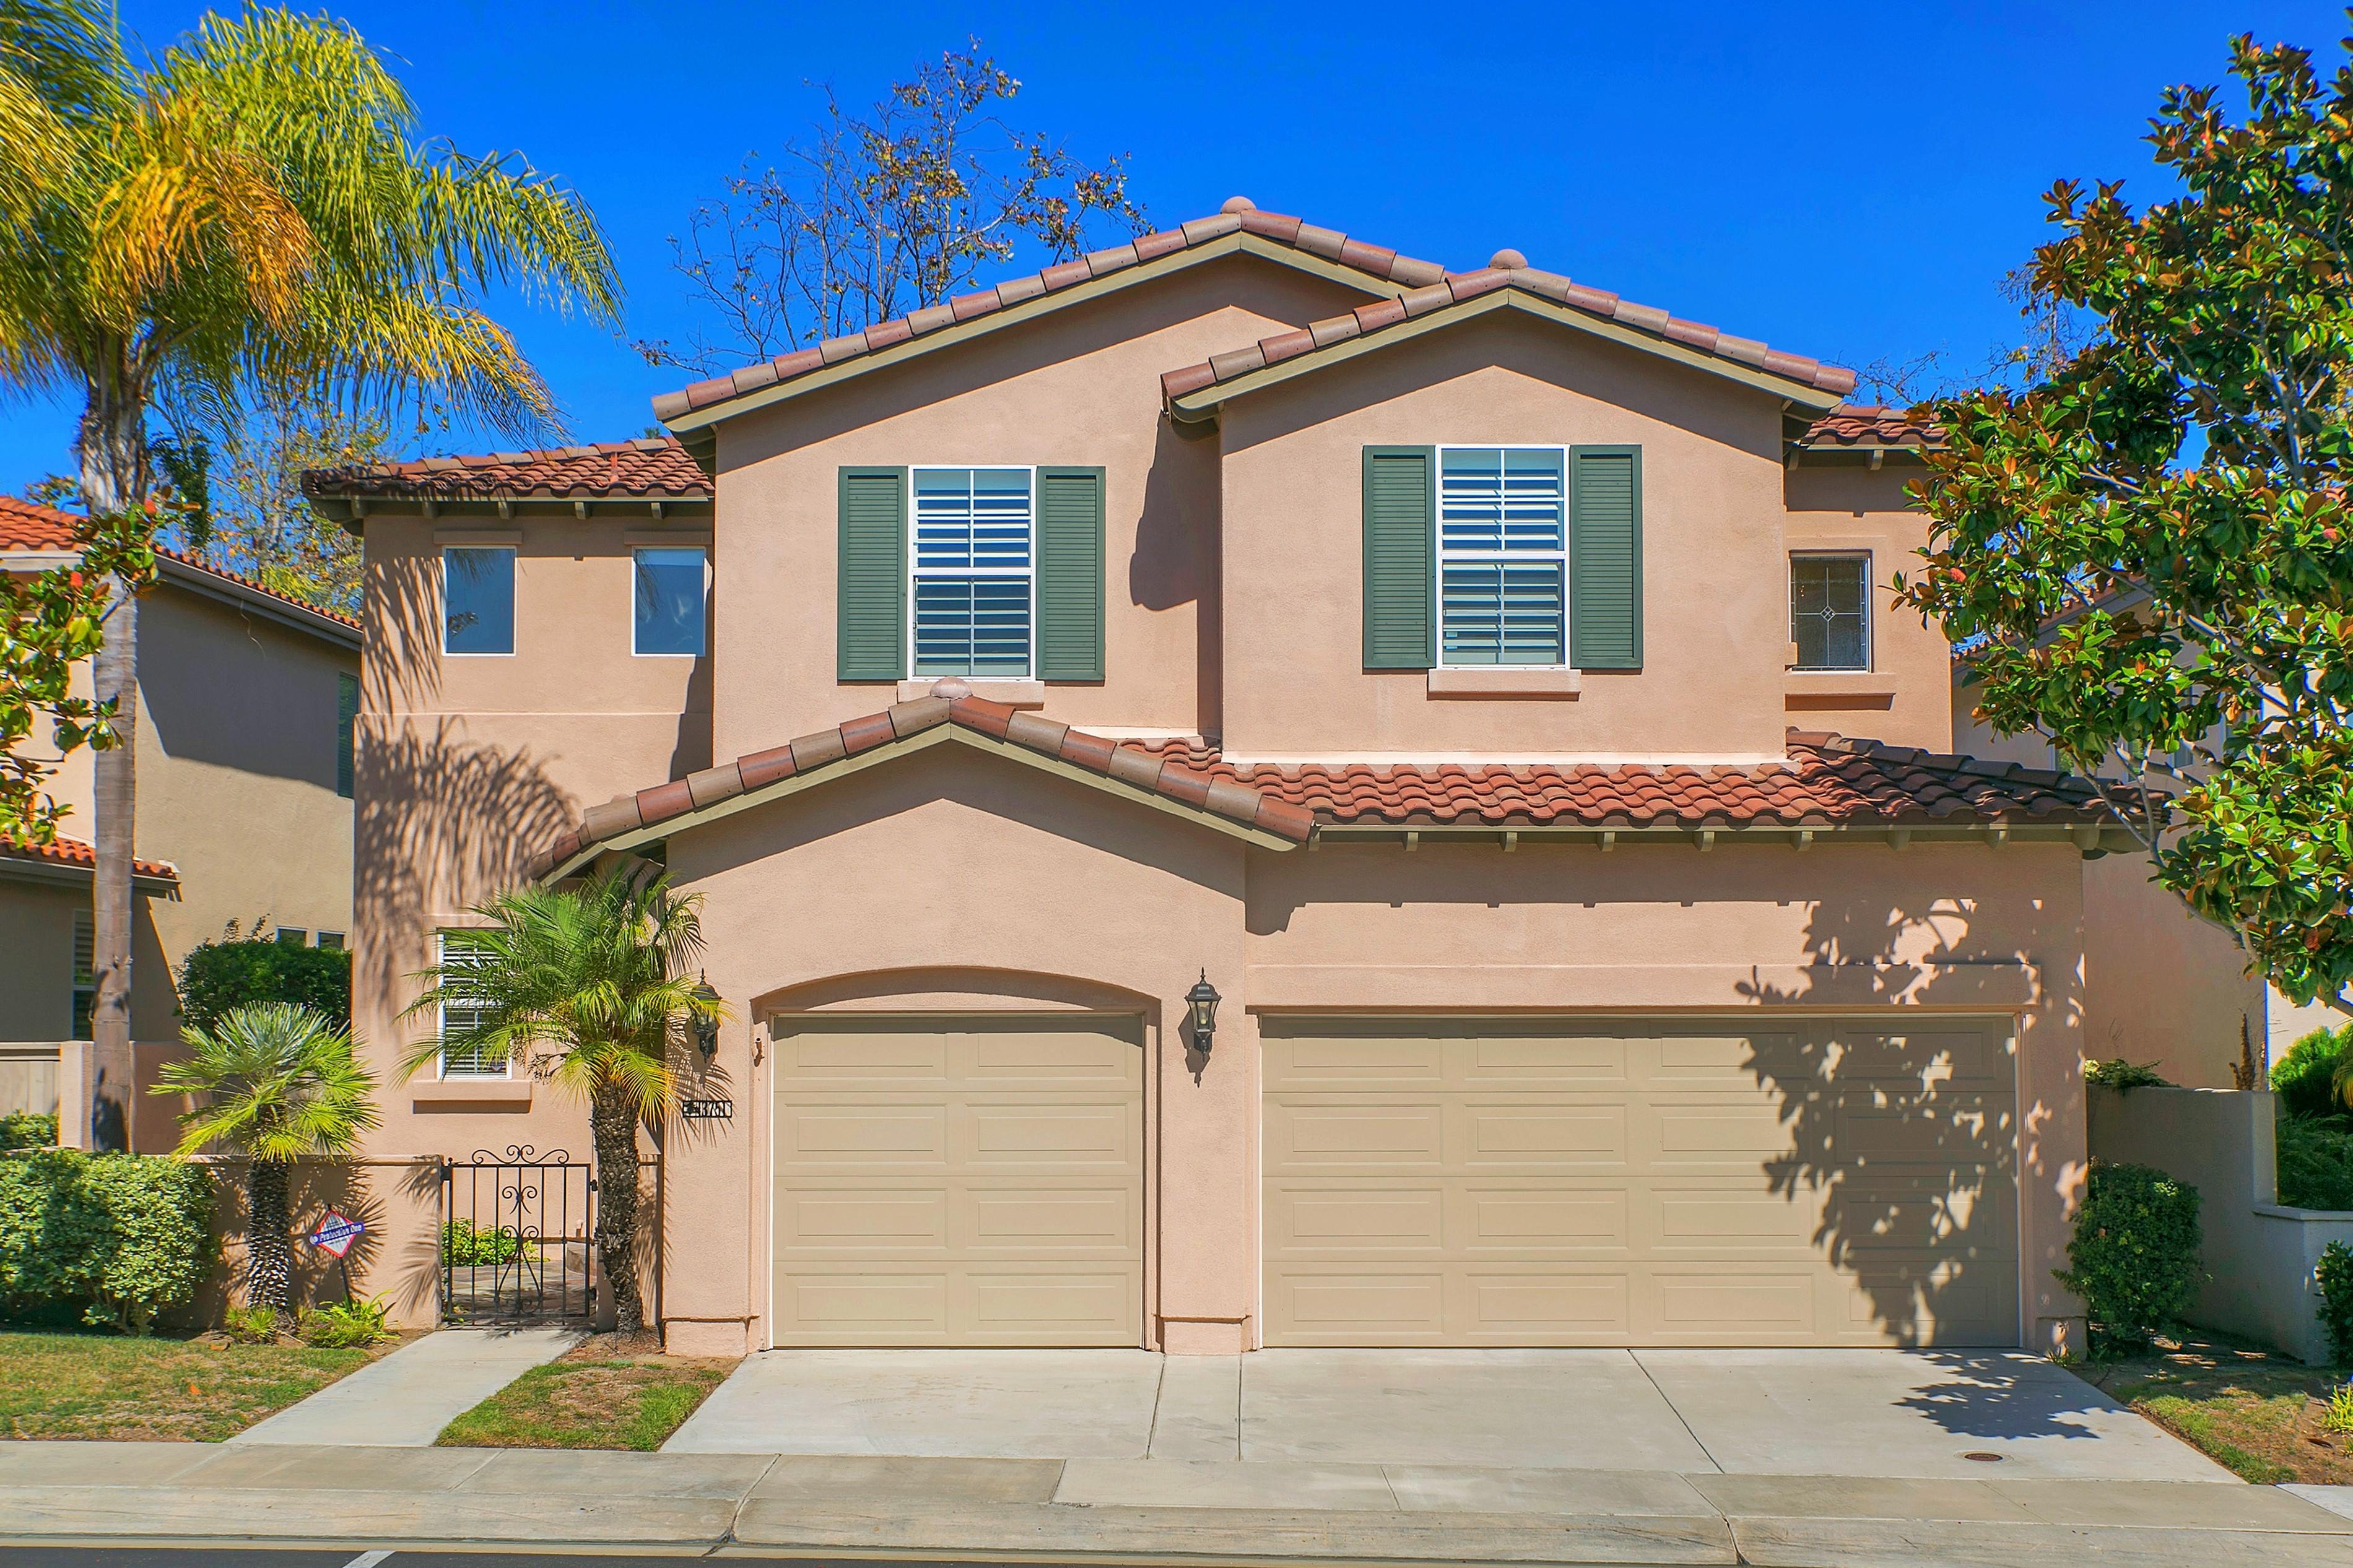 단독 가정 주택 용 매매 에 3751 Torrey View Court San Diego, 캘리포니아 92130 미국